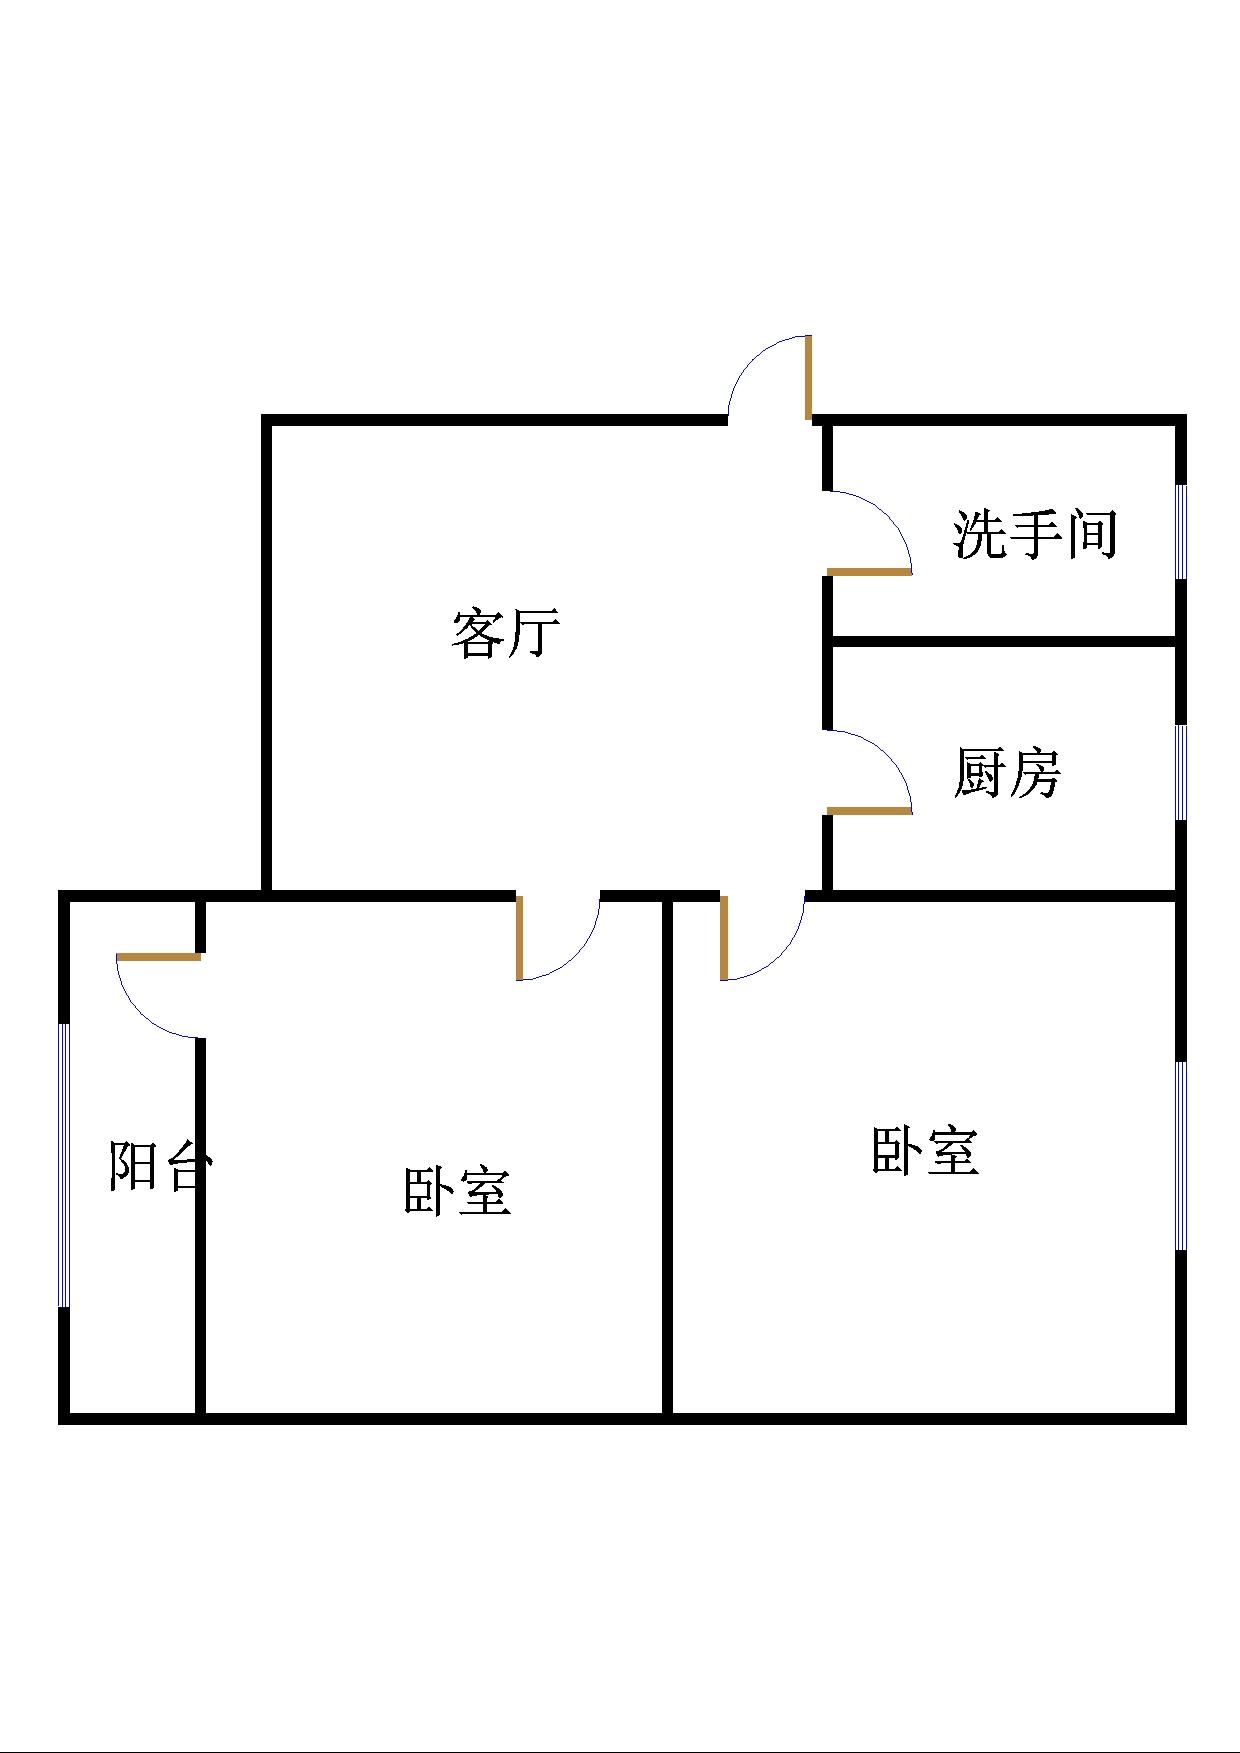 刨花板厂宿舍 2室1厅 过五年 简装 33万